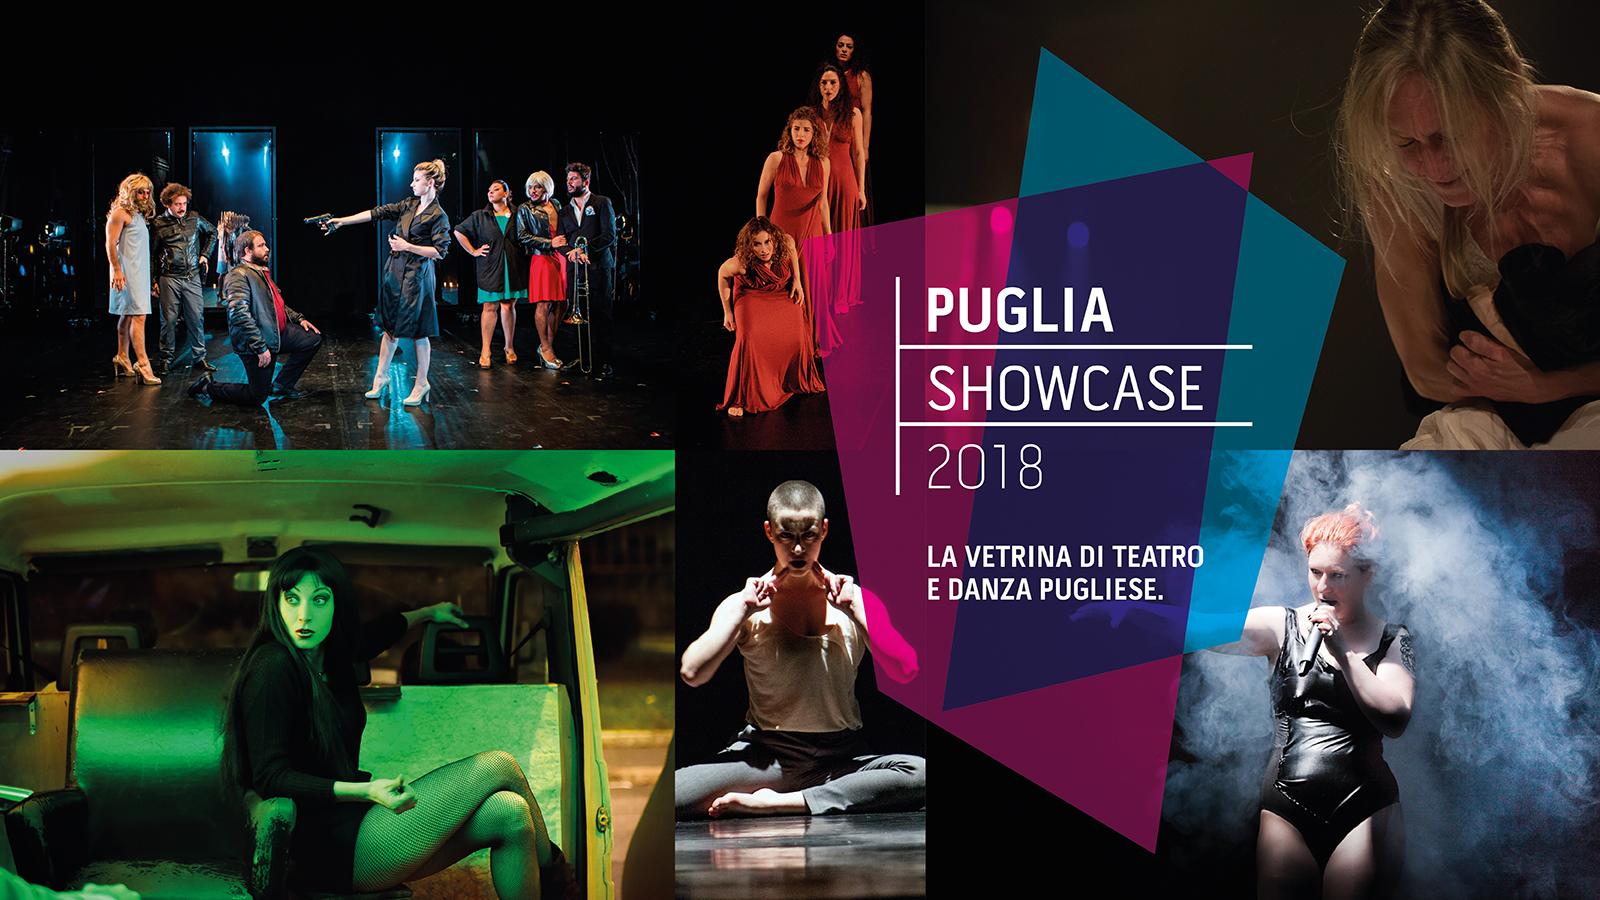 PUGLIA SHOWCASE 2018 – LA PUGLIA A ROMA AL TEATRO DI VILLA TORLONIA E AL TEATRO PALLADIUM